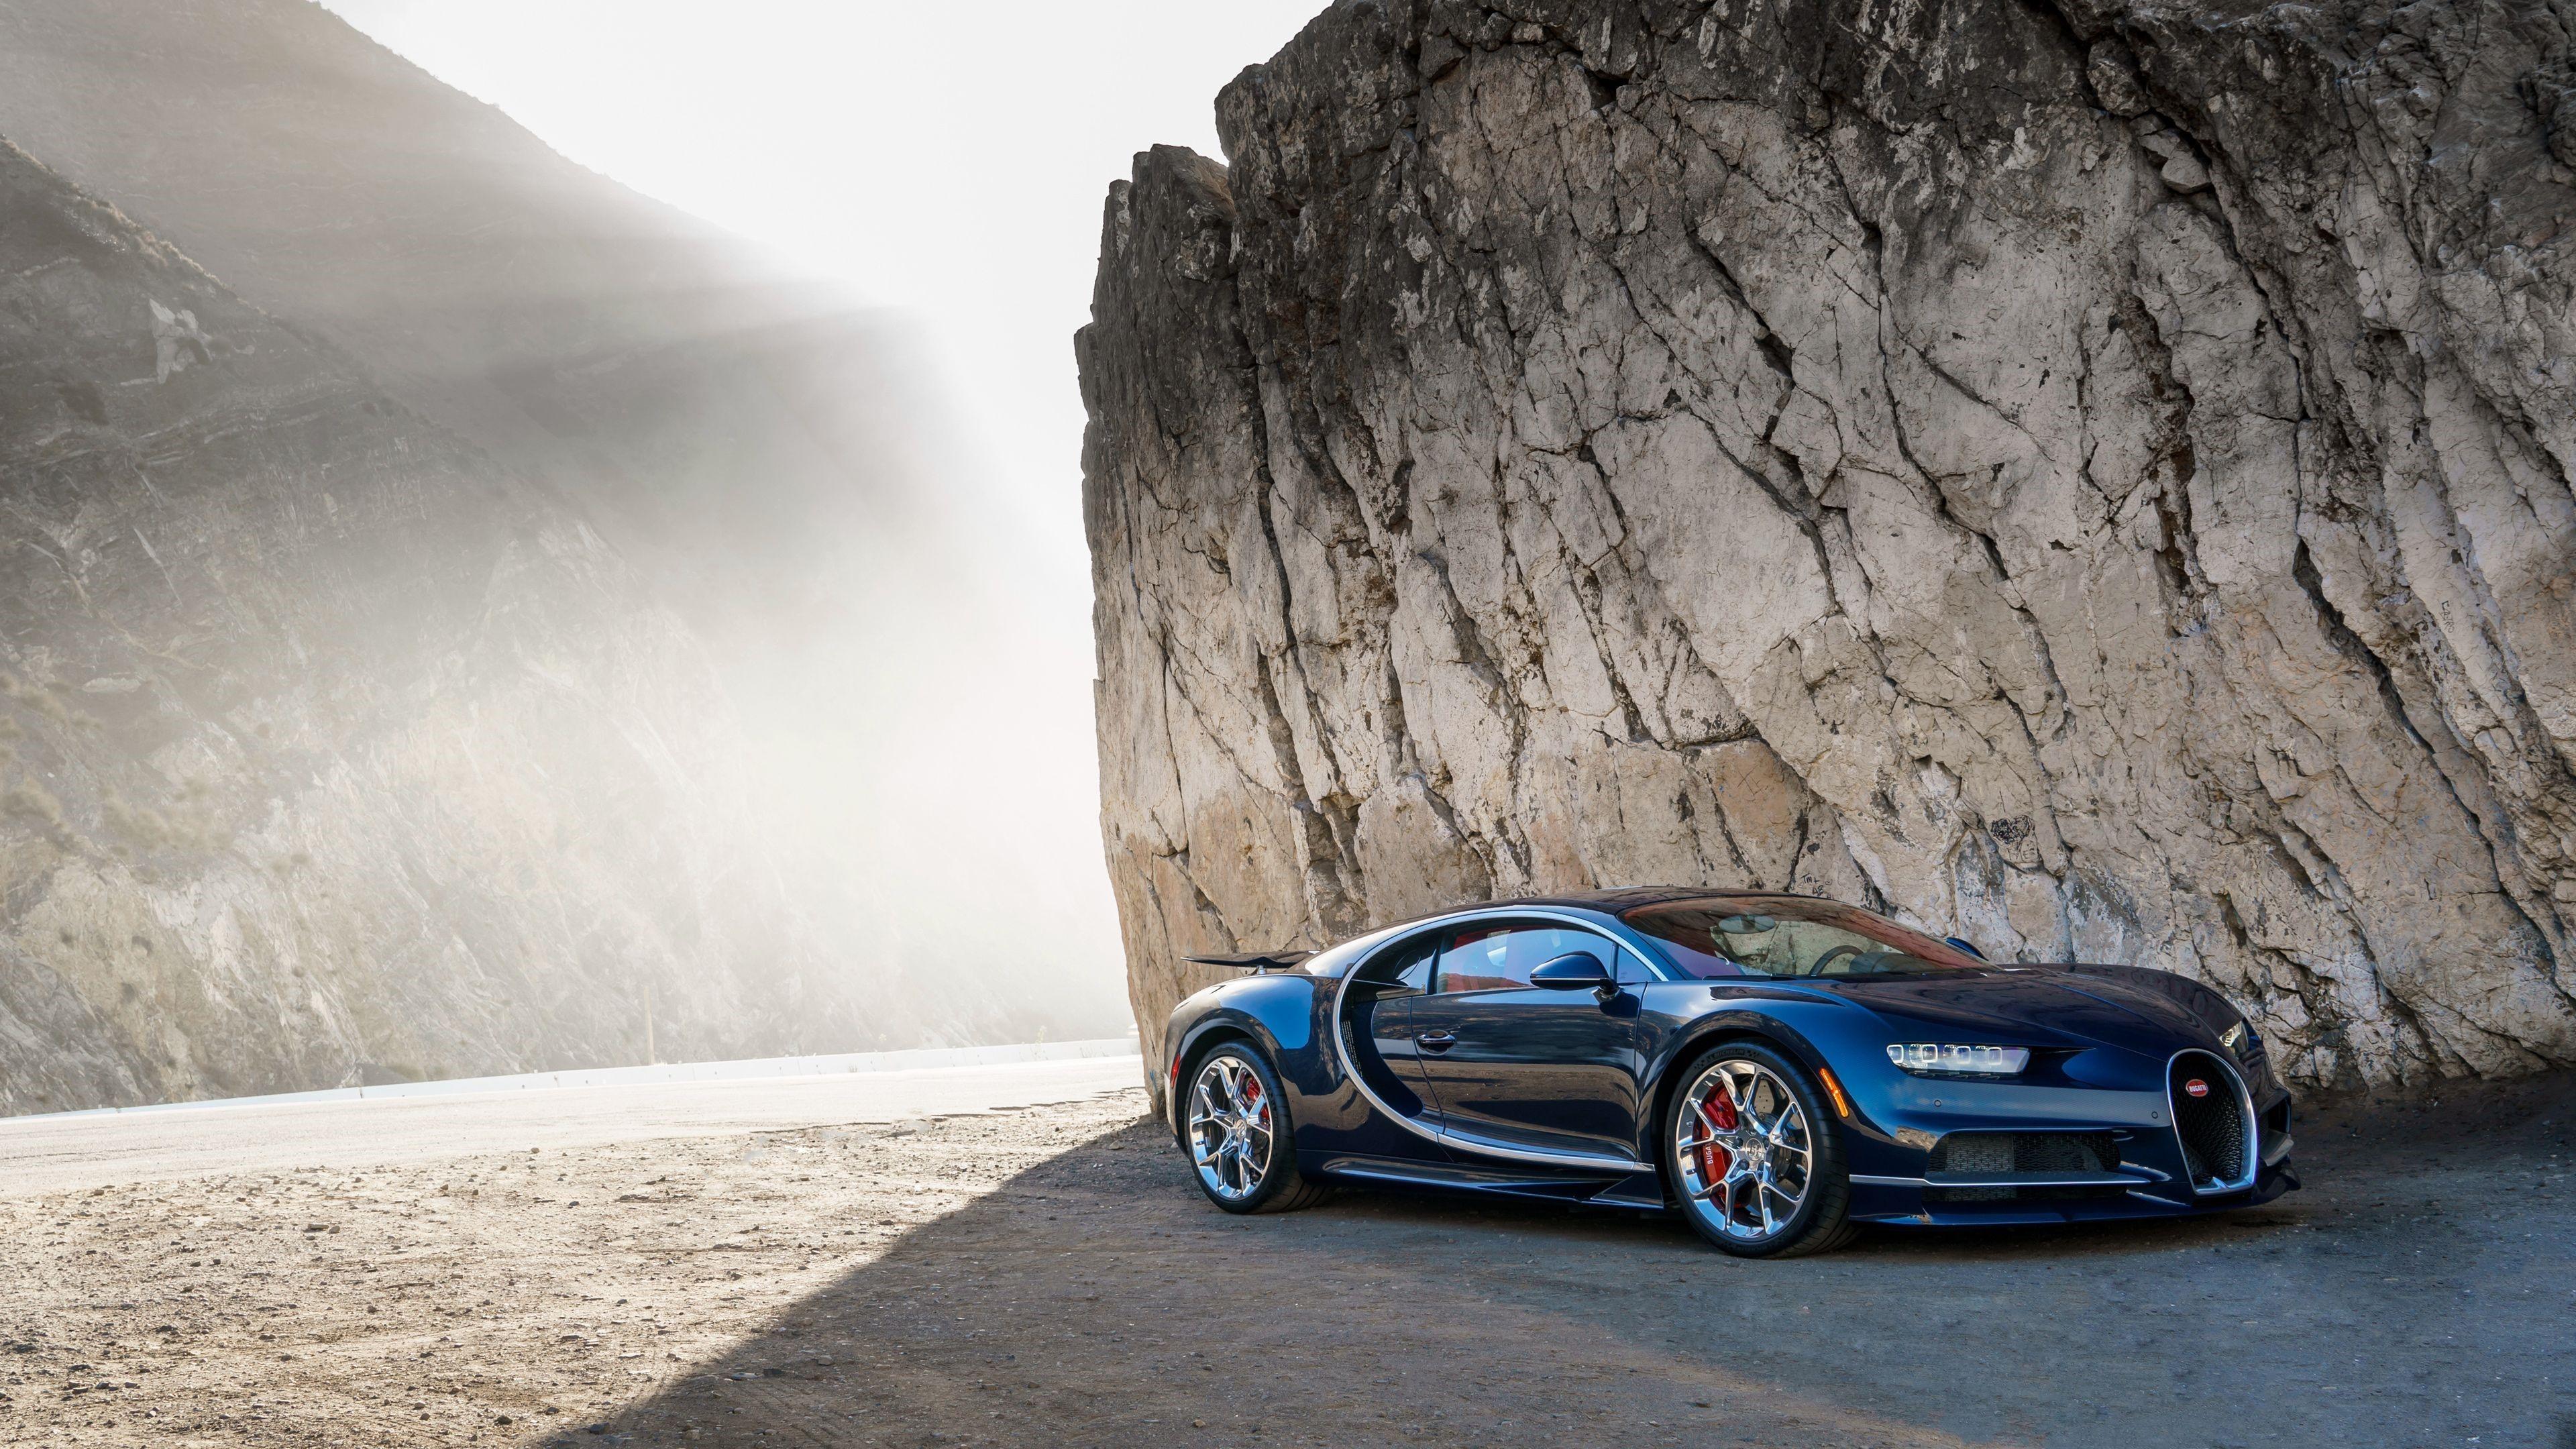 Bugatti Mobile HD Wallpaper